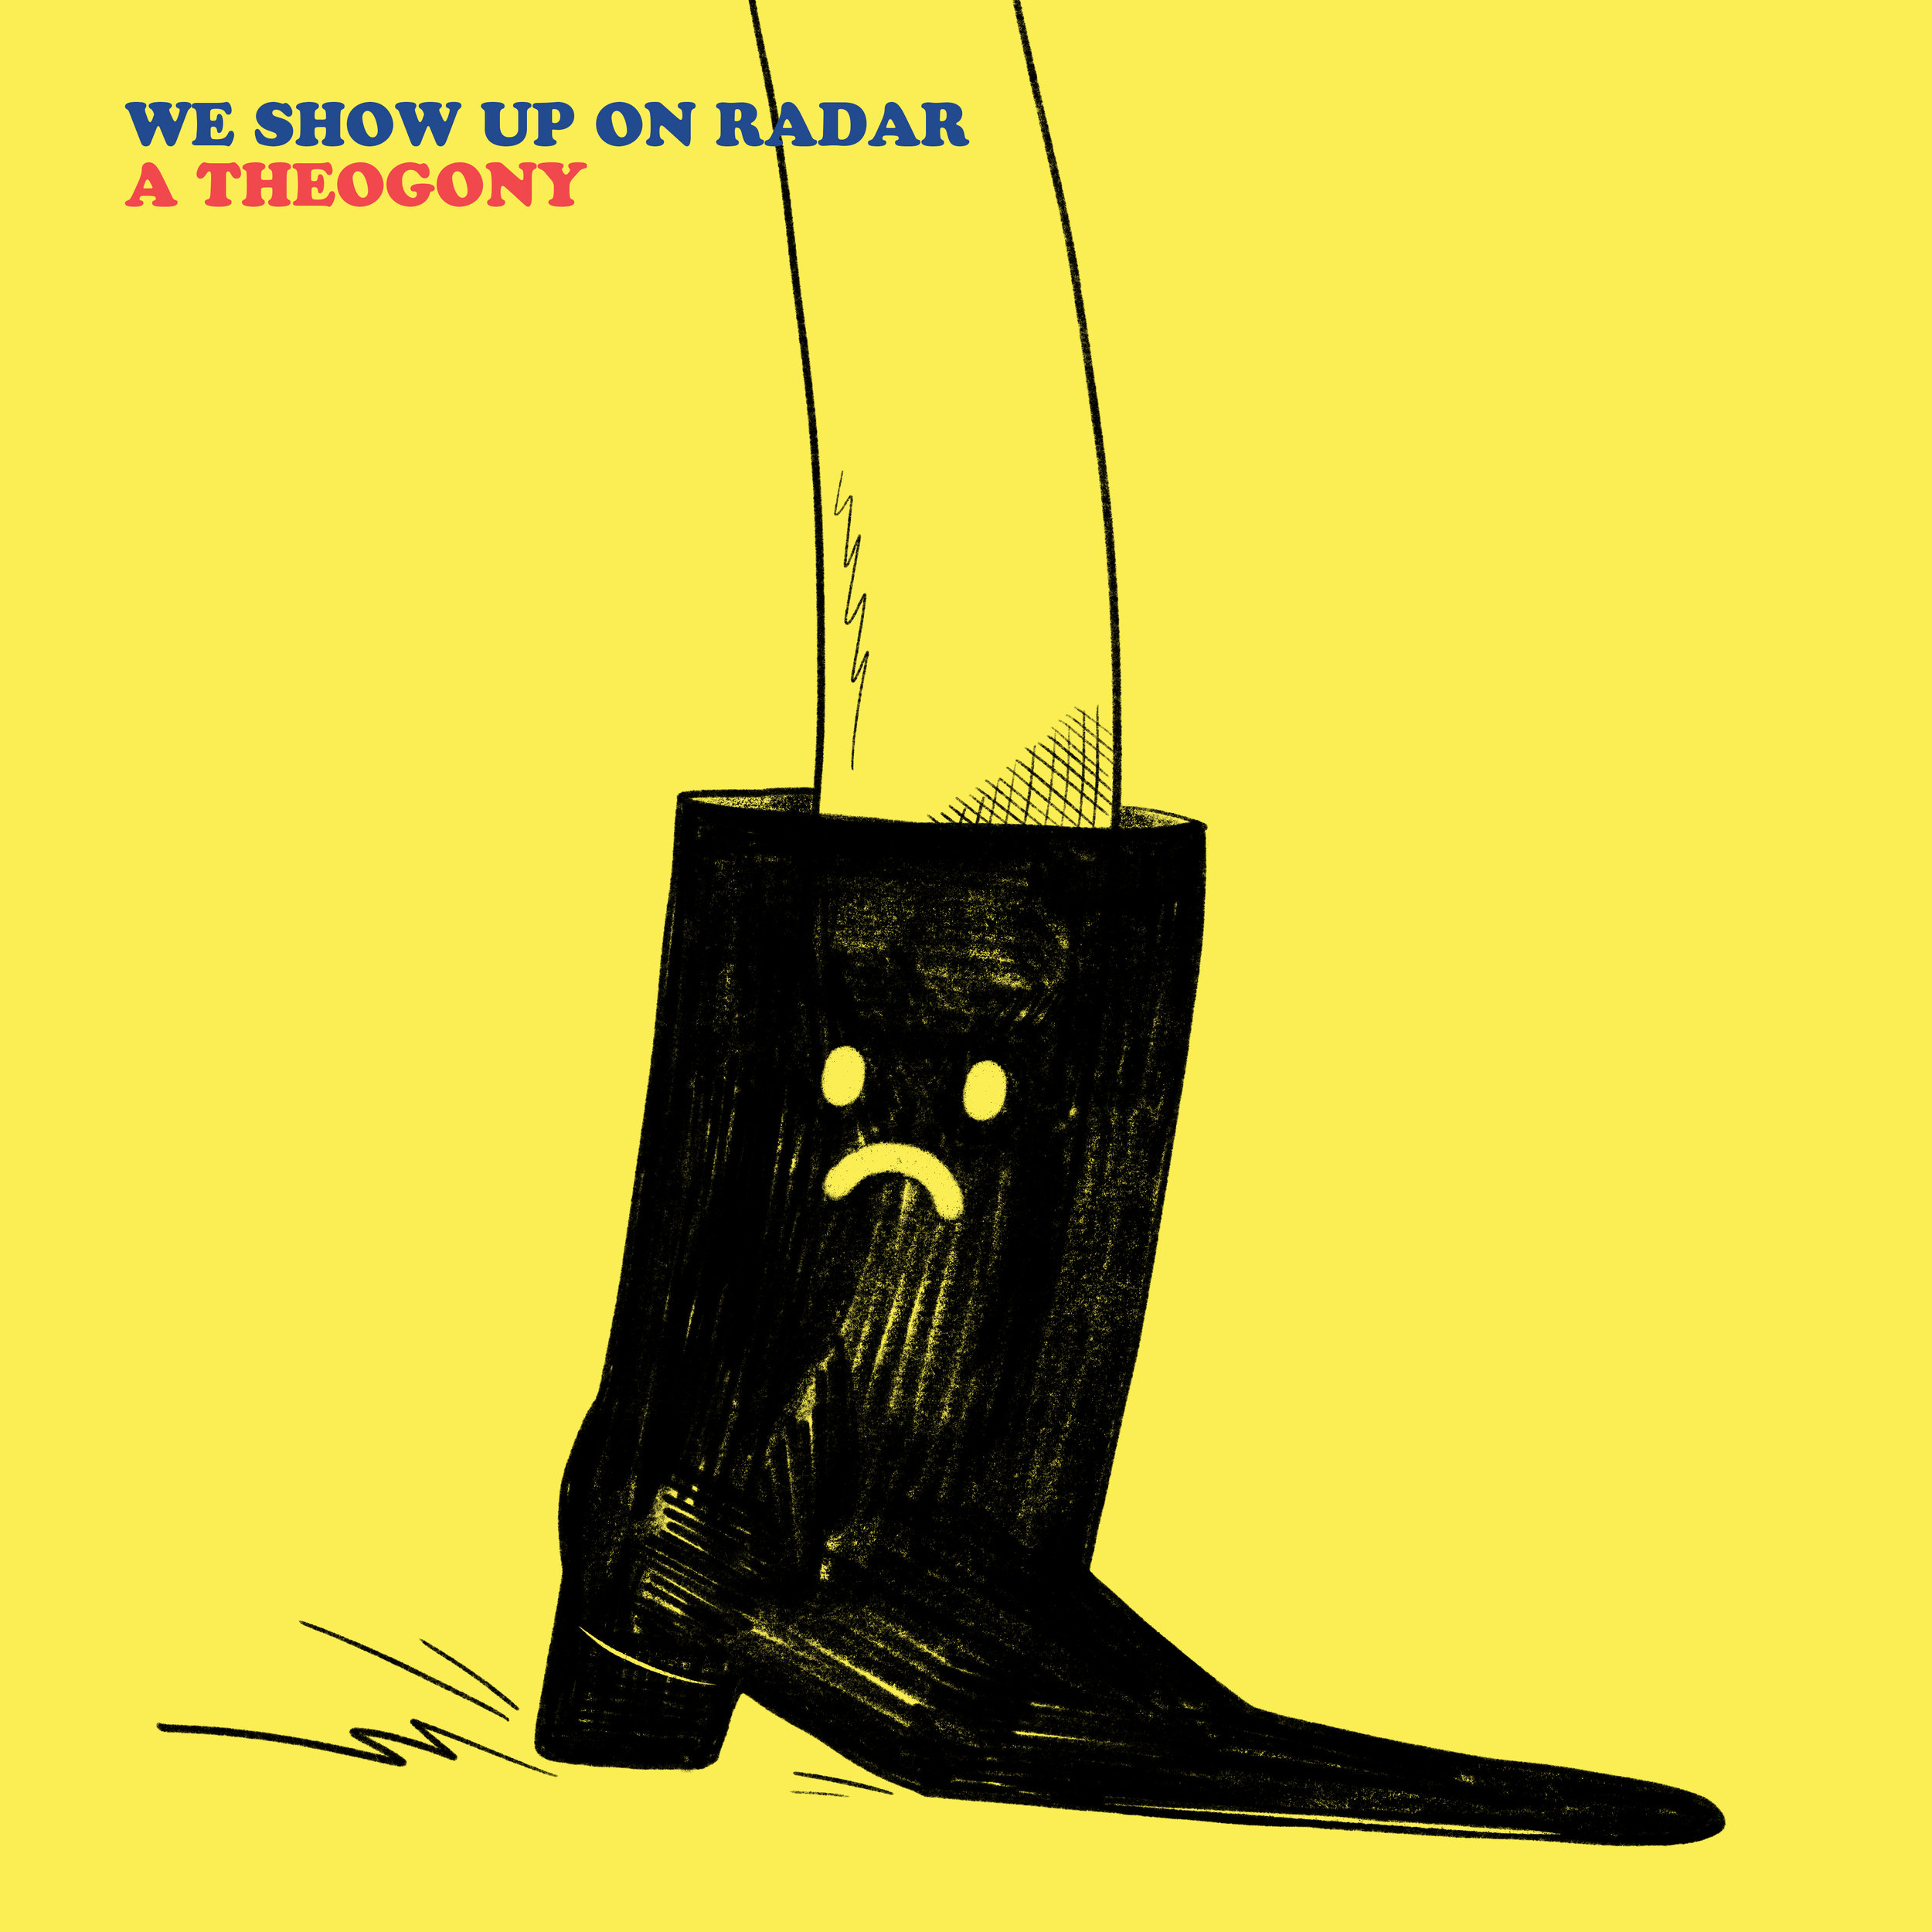 We Show Up On Radar - A Theogony